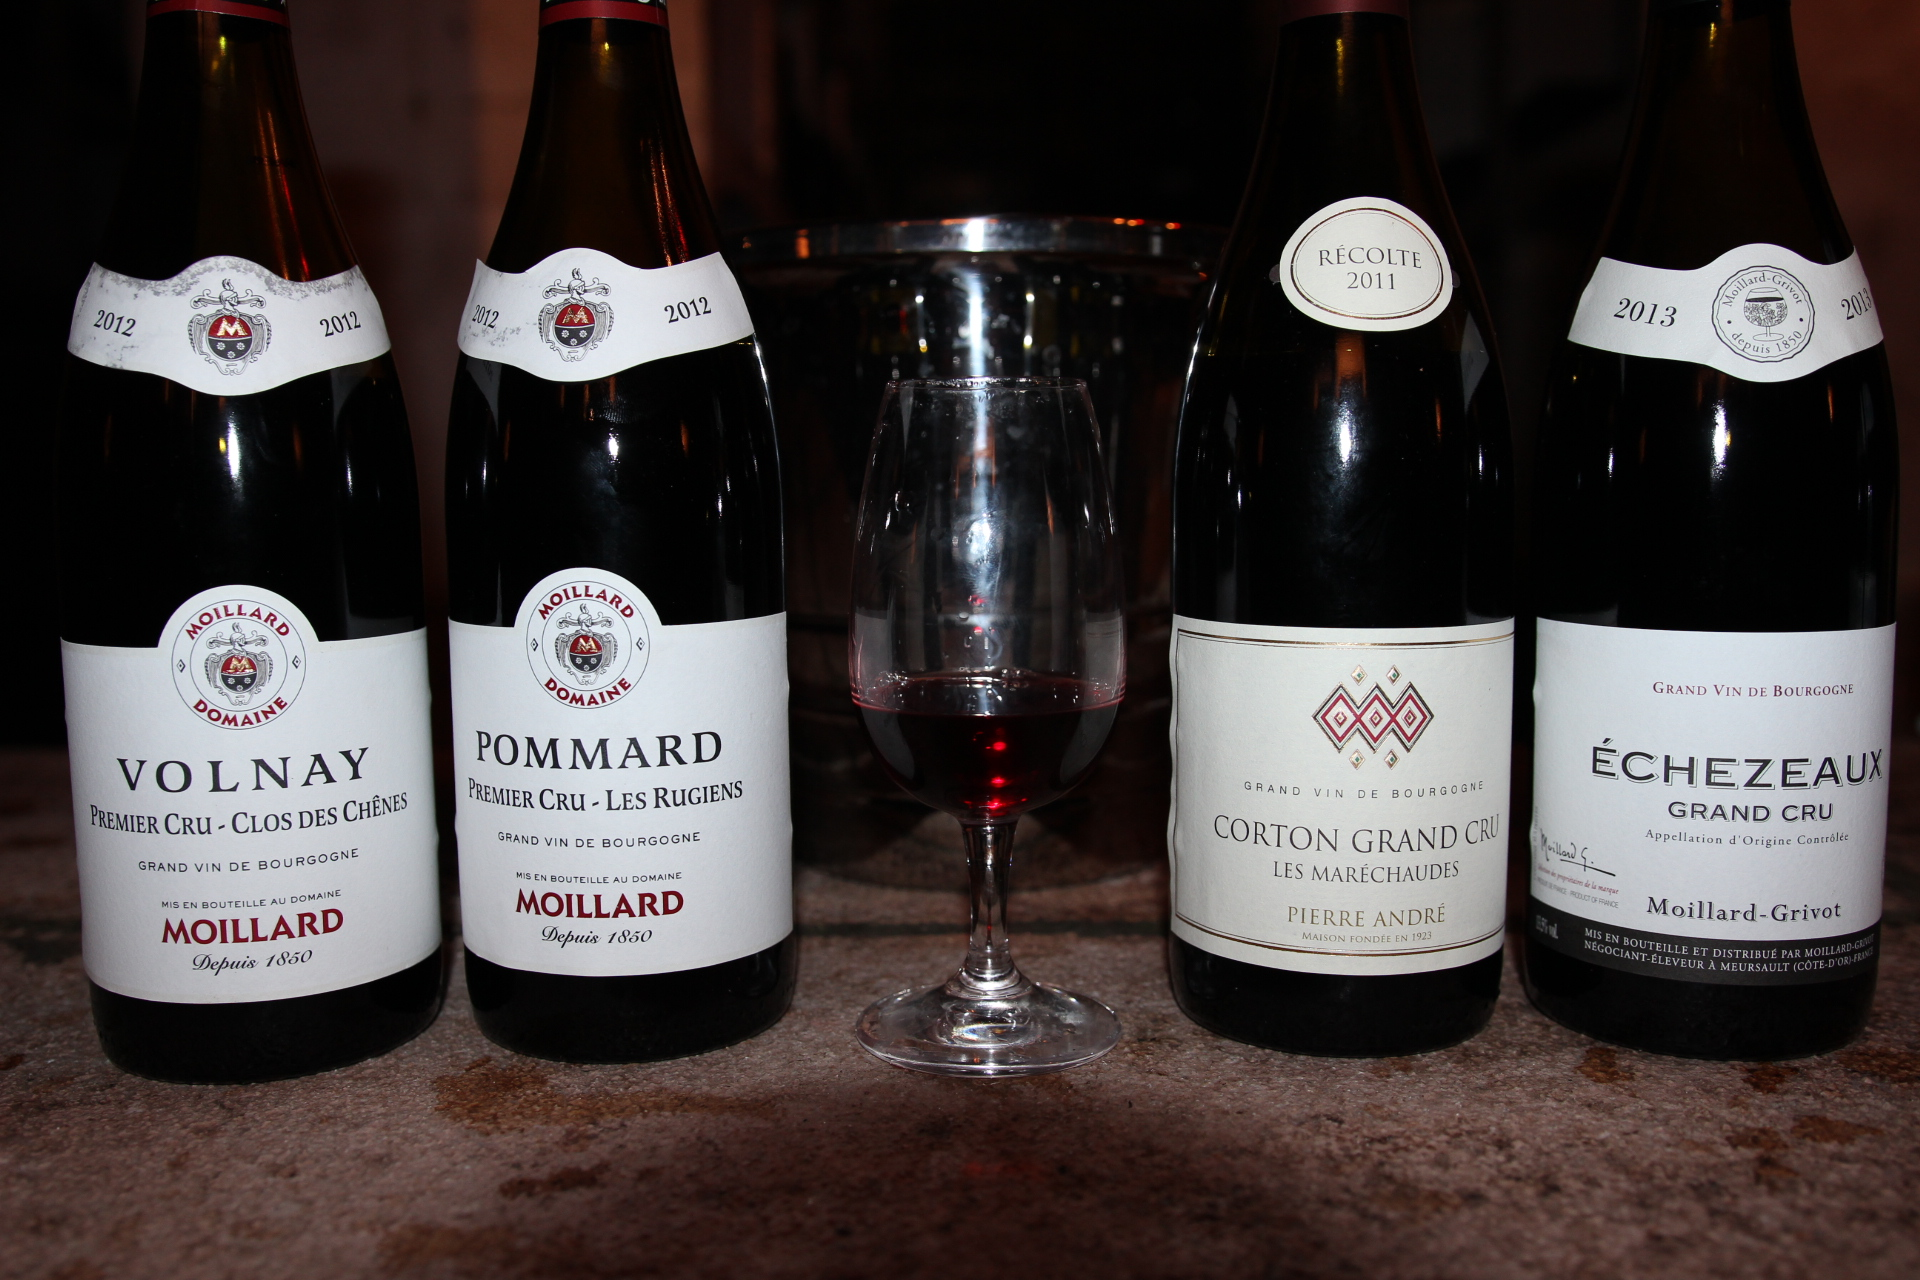 4 bottles of burgundy red wine